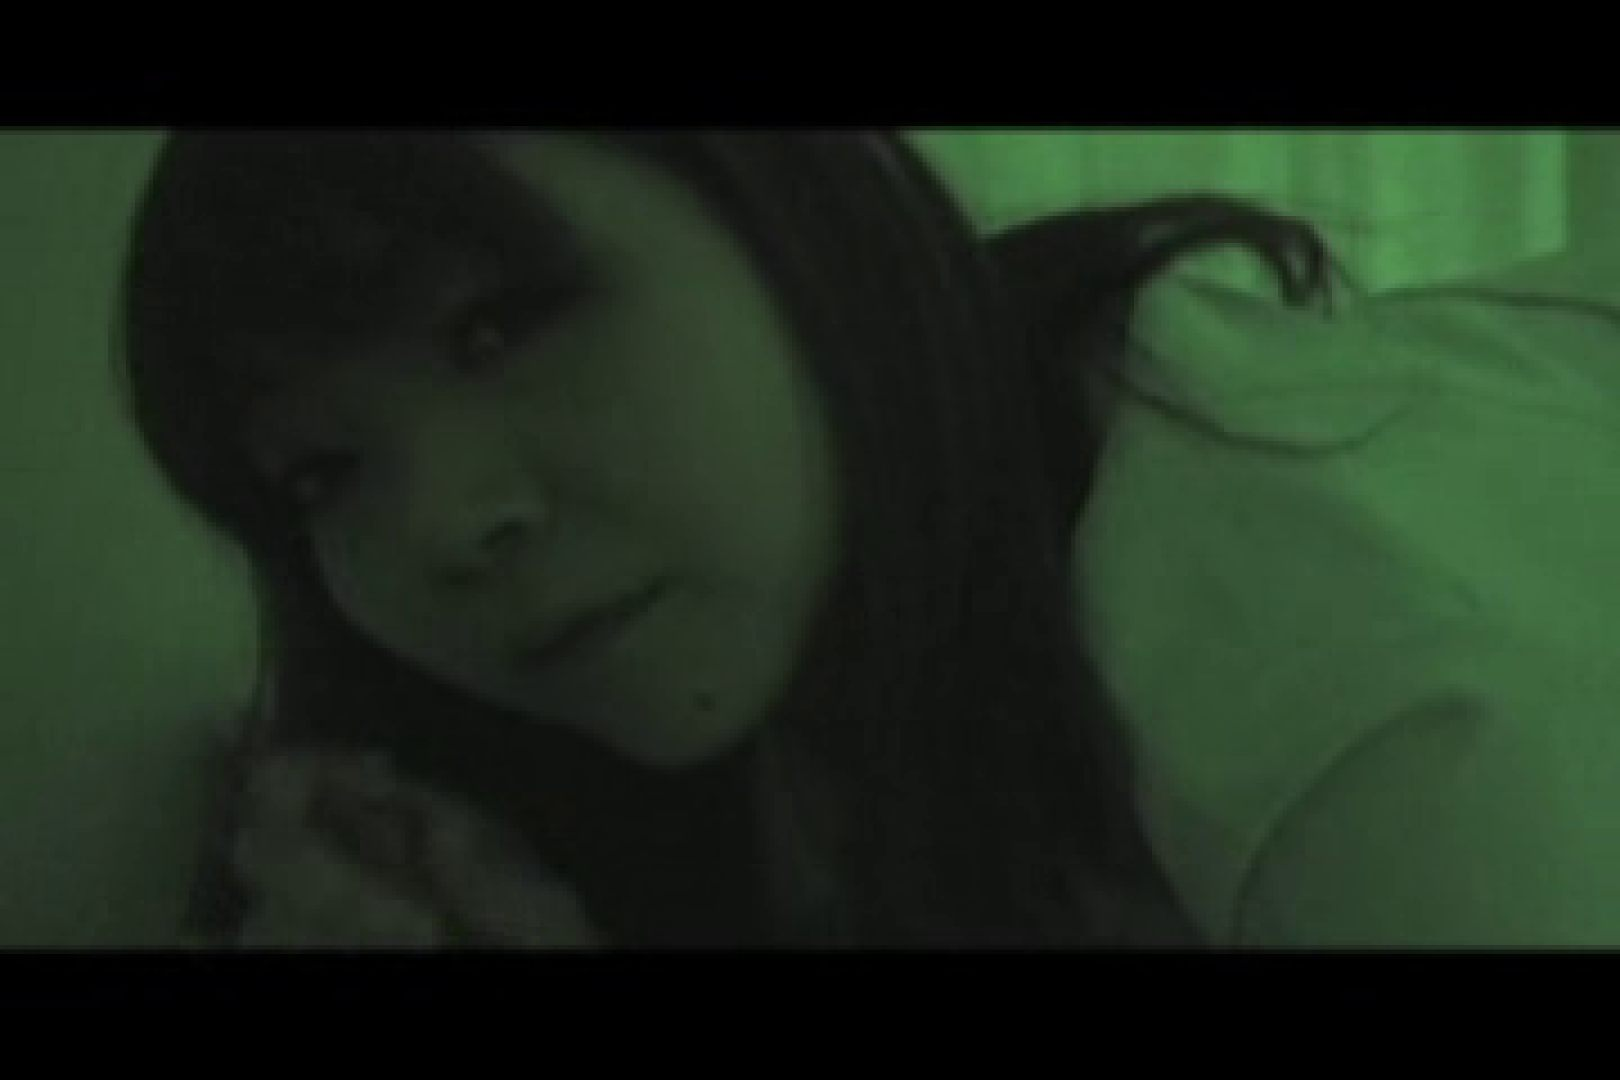 ヤリマンと呼ばれた看護士さんvol3 フェラ セックス画像 70連発 44